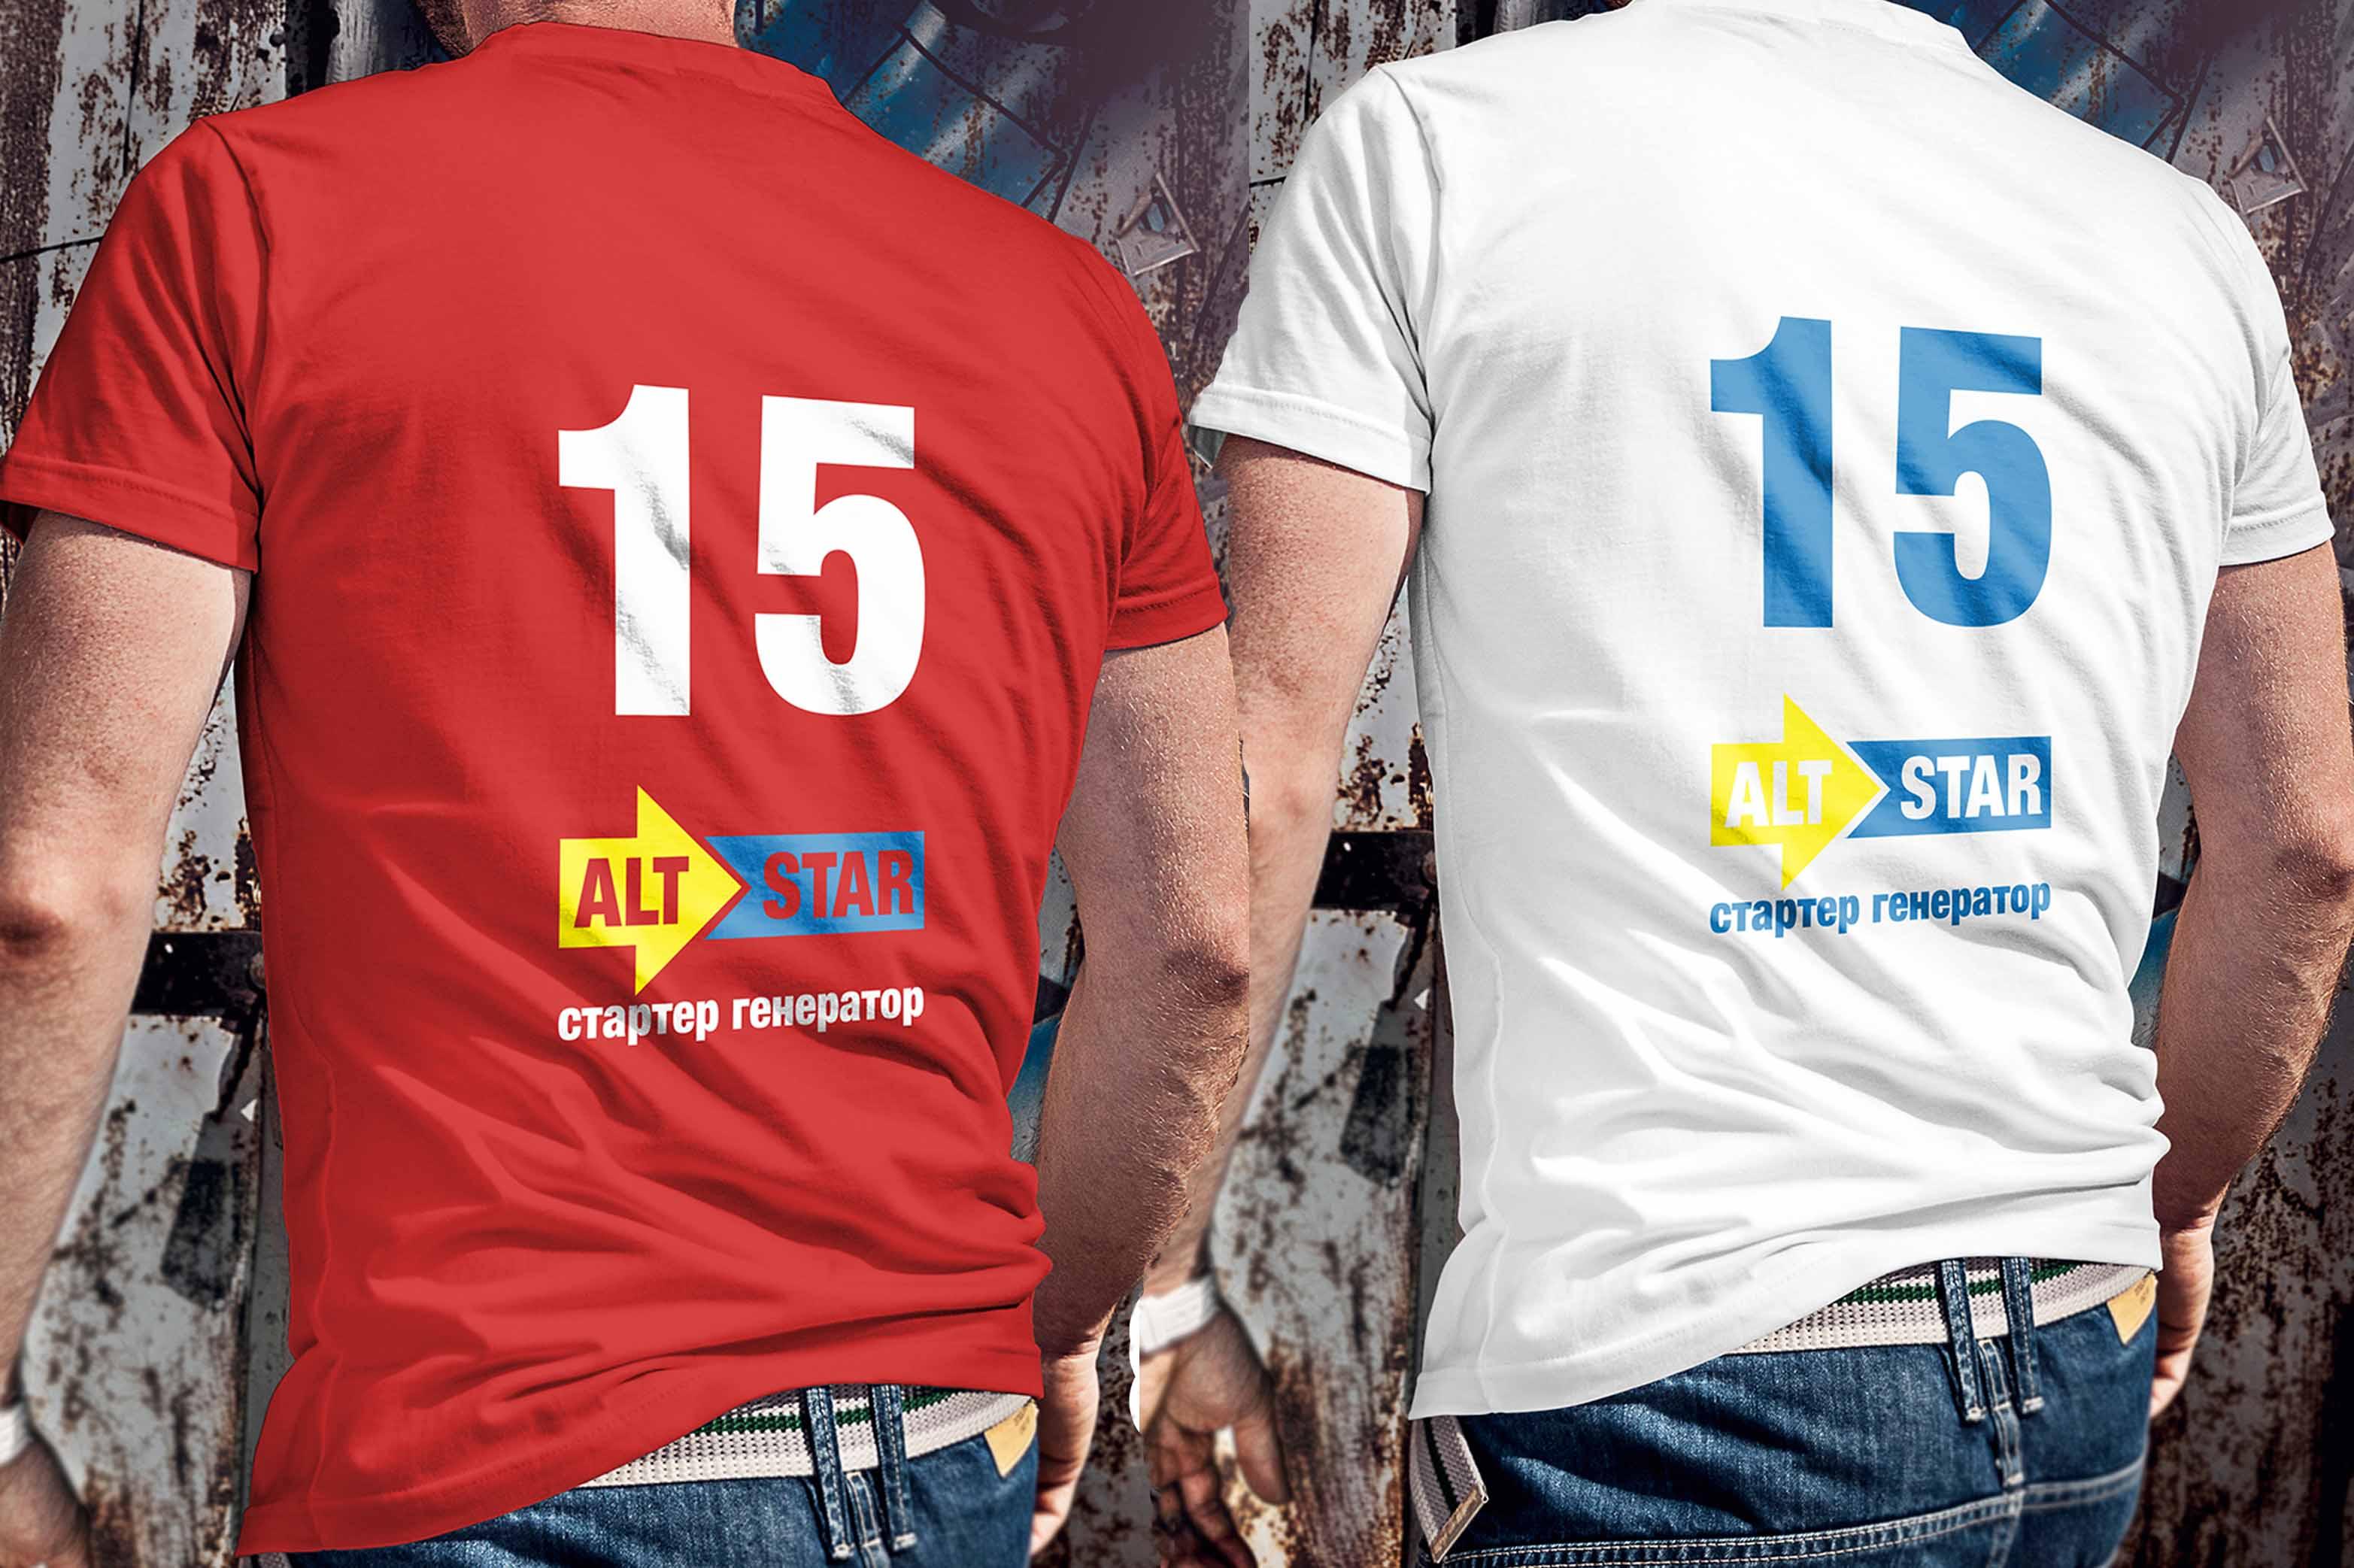 Друк на футболках Альт Стар